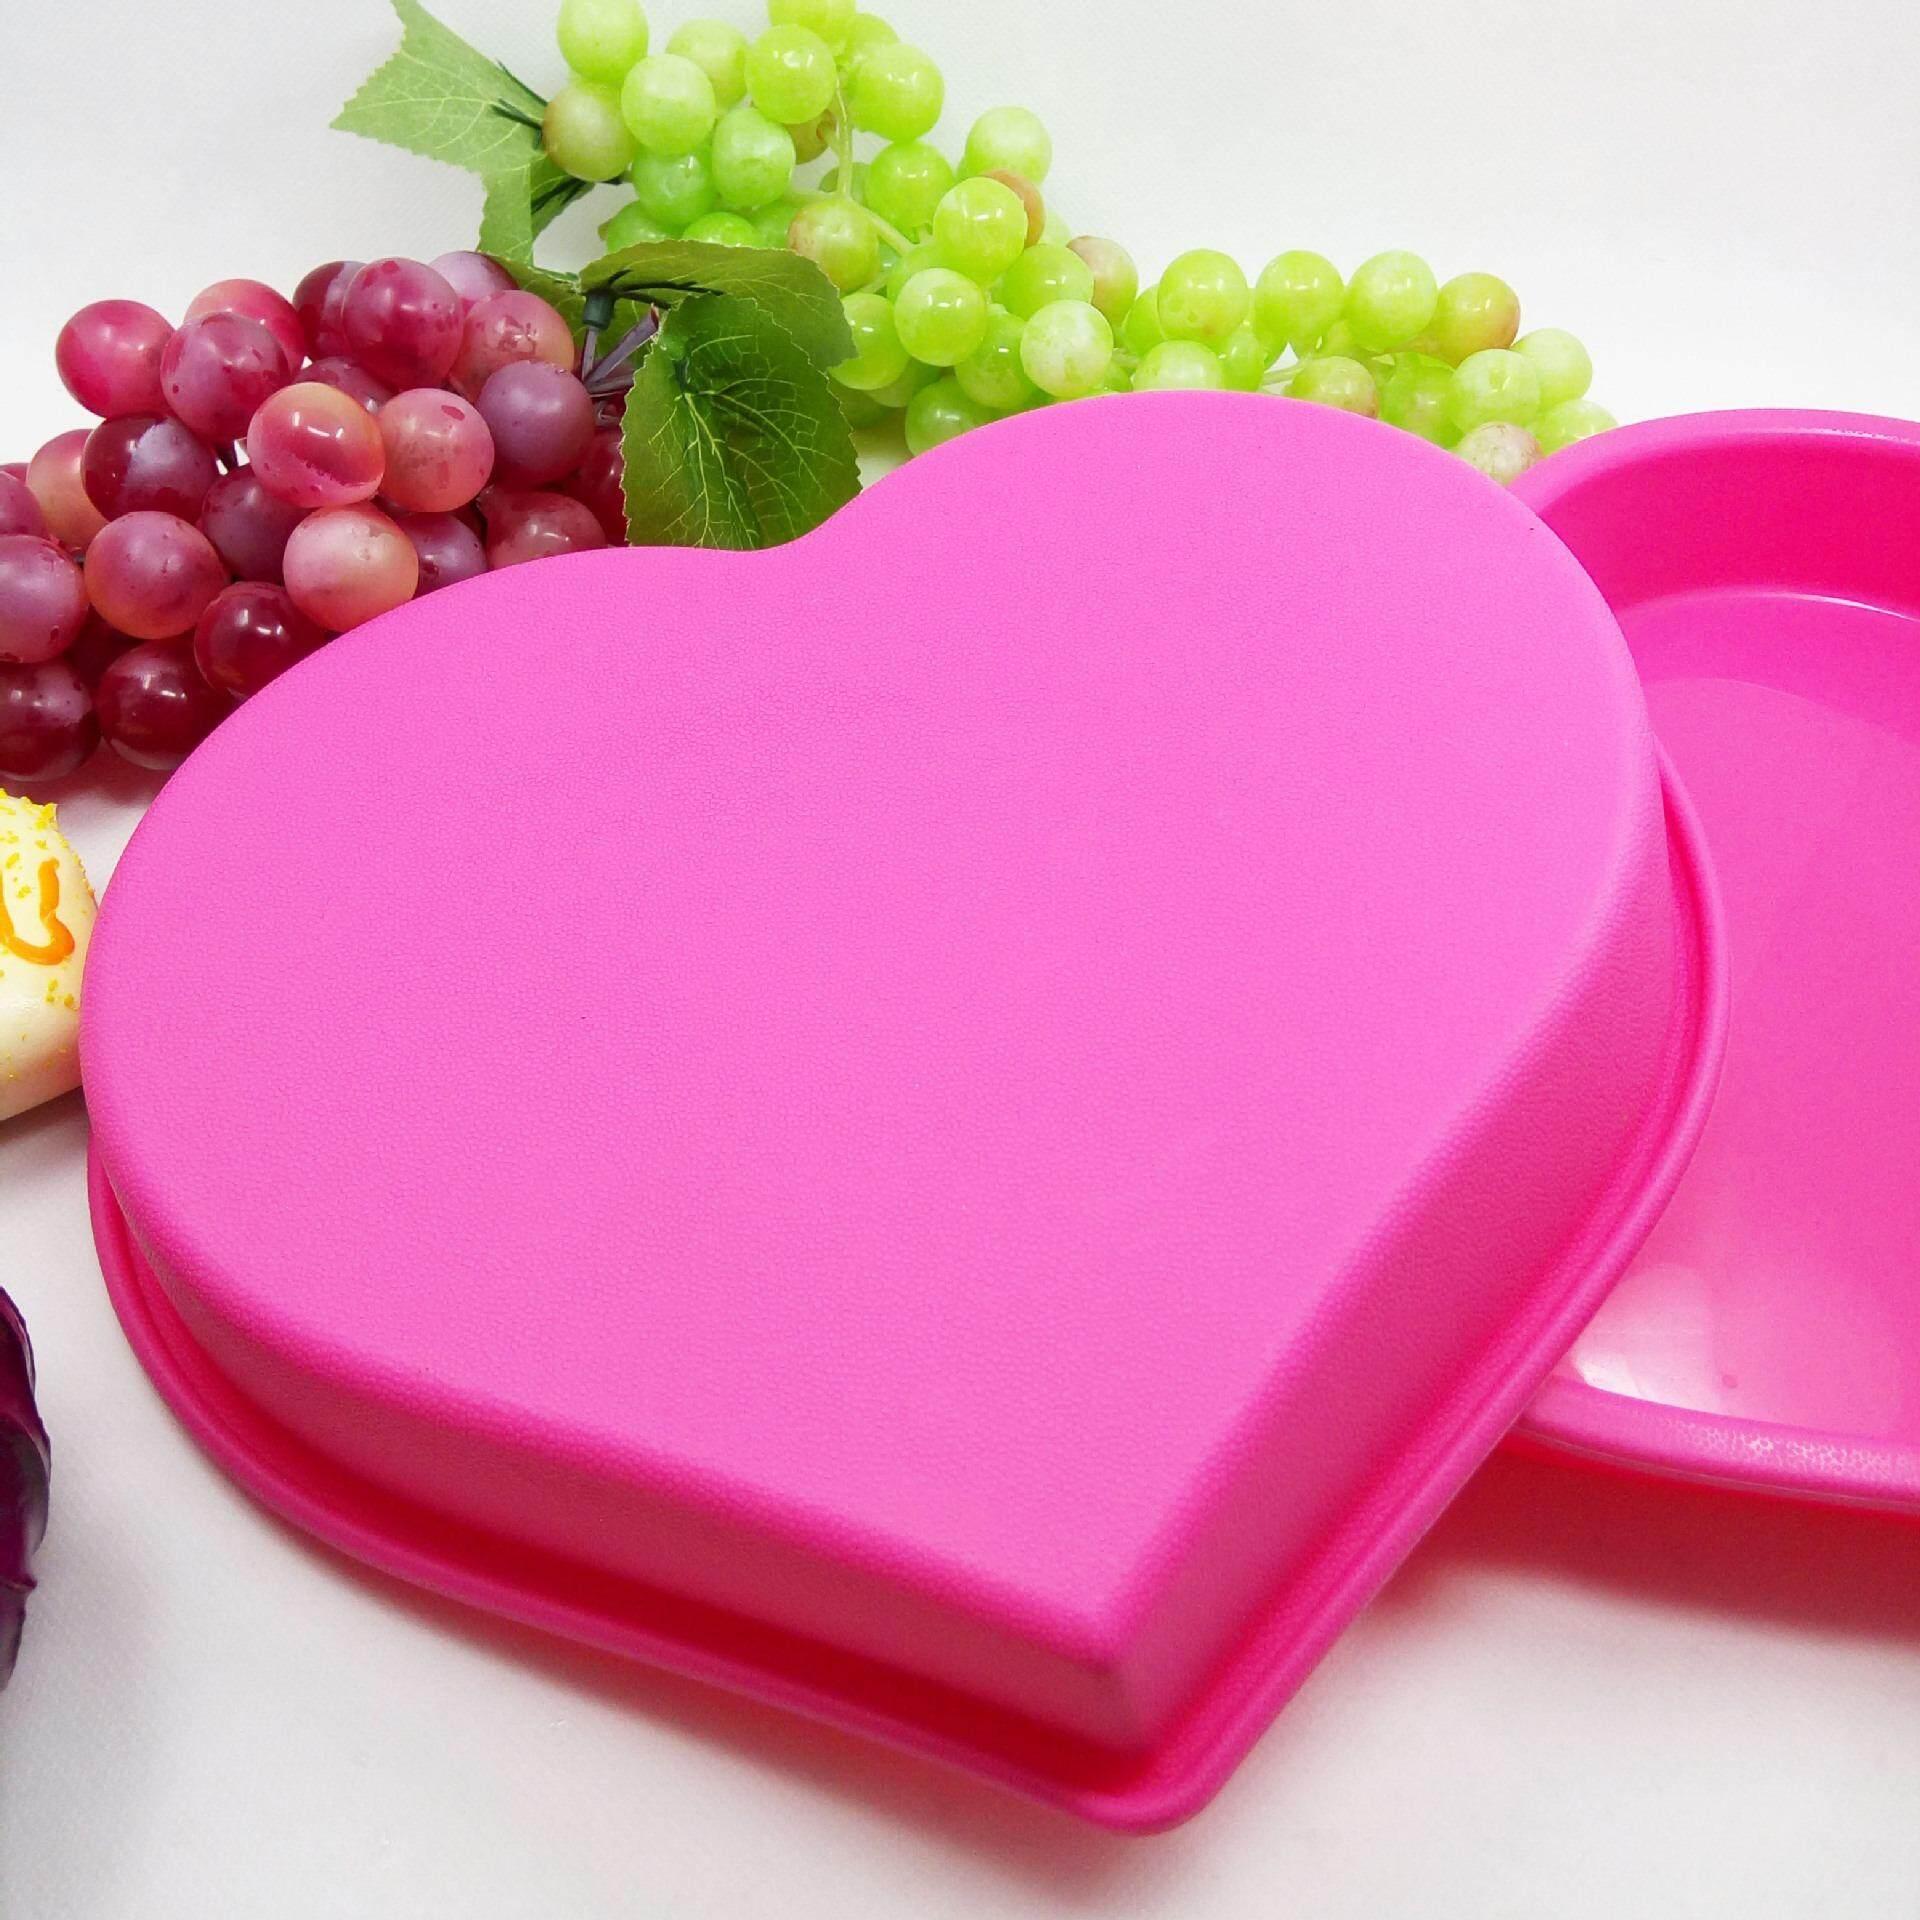 แม่พิมพ์ซิลิโคนเกรดสำหรับสัมผัสอาหาร Silicone Sff828 ขนาดใหญ่หน้าทอปรูปหัวใจ Heart Shape.